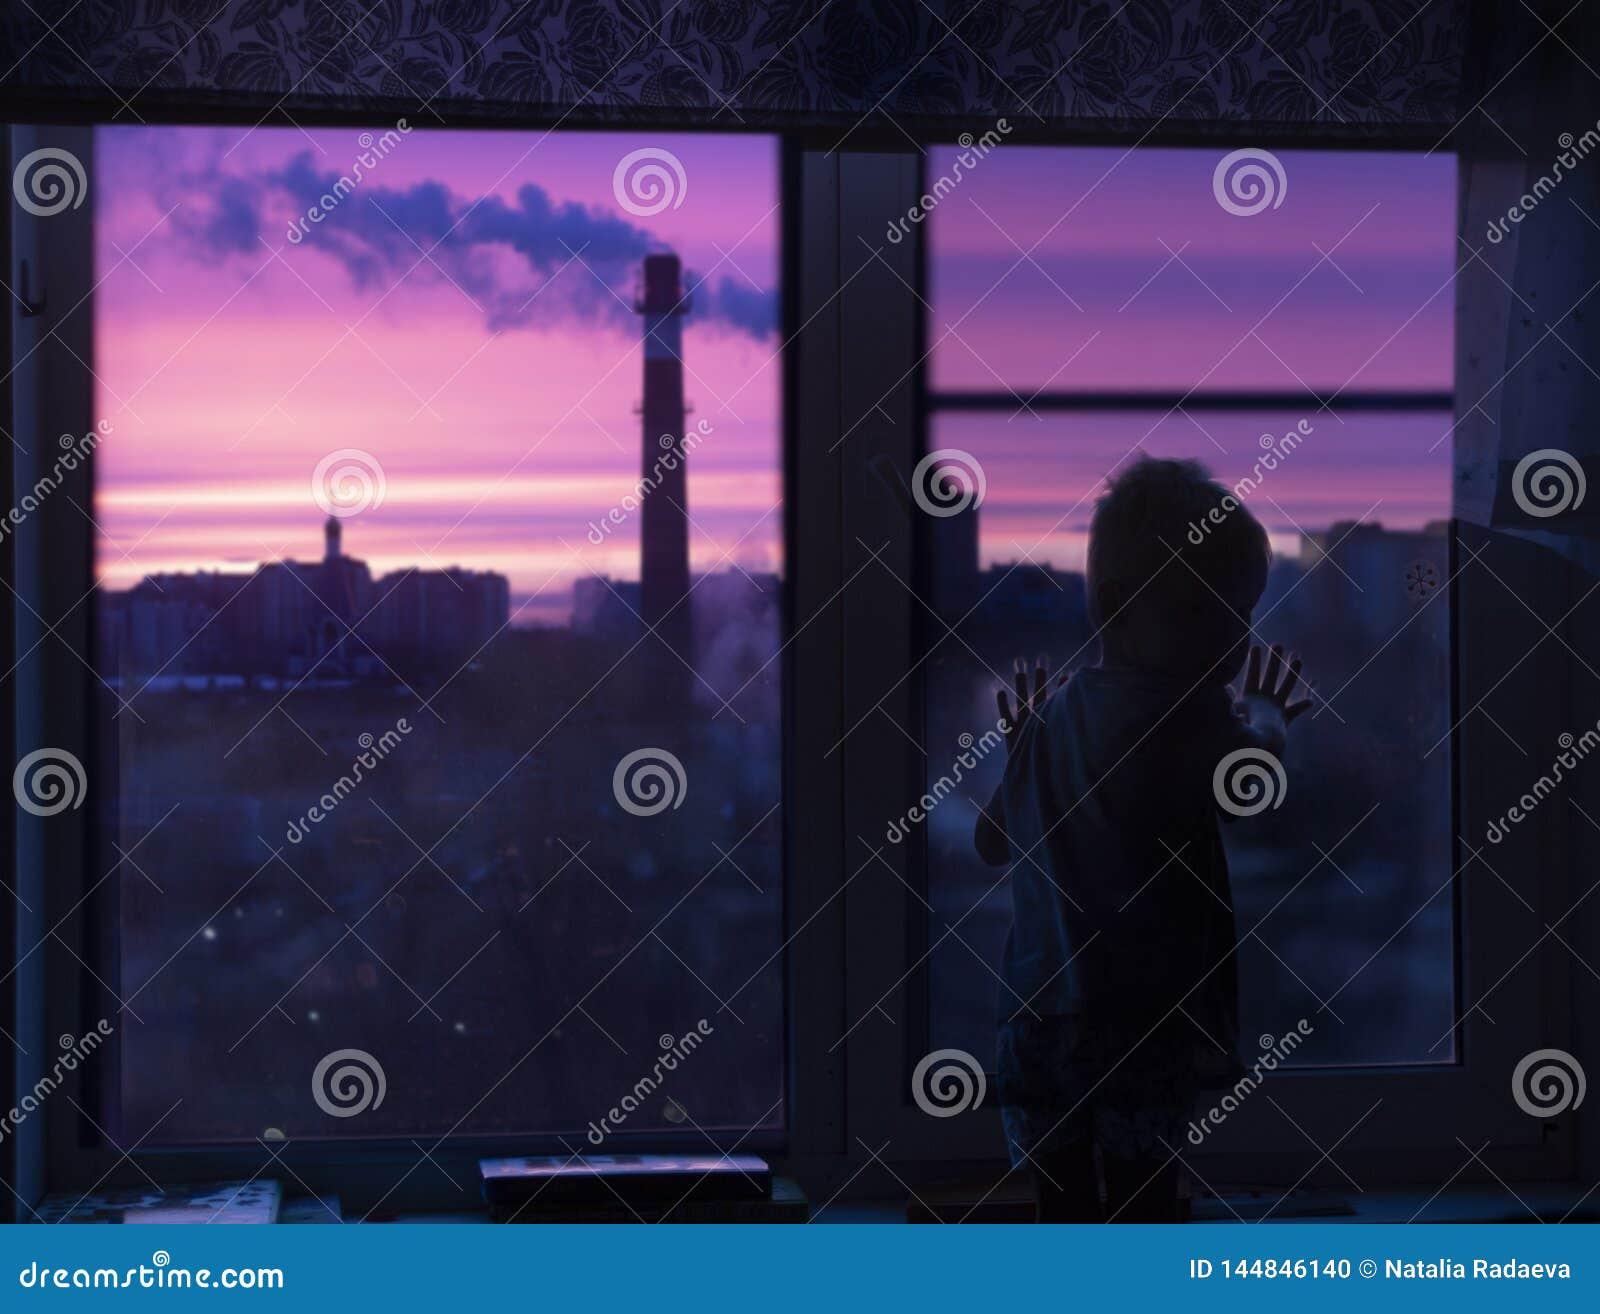 Μια σκιαγραφία ενός μικρού παιδιού παιδιών στο παράθυρο εξετάζει τη ρ